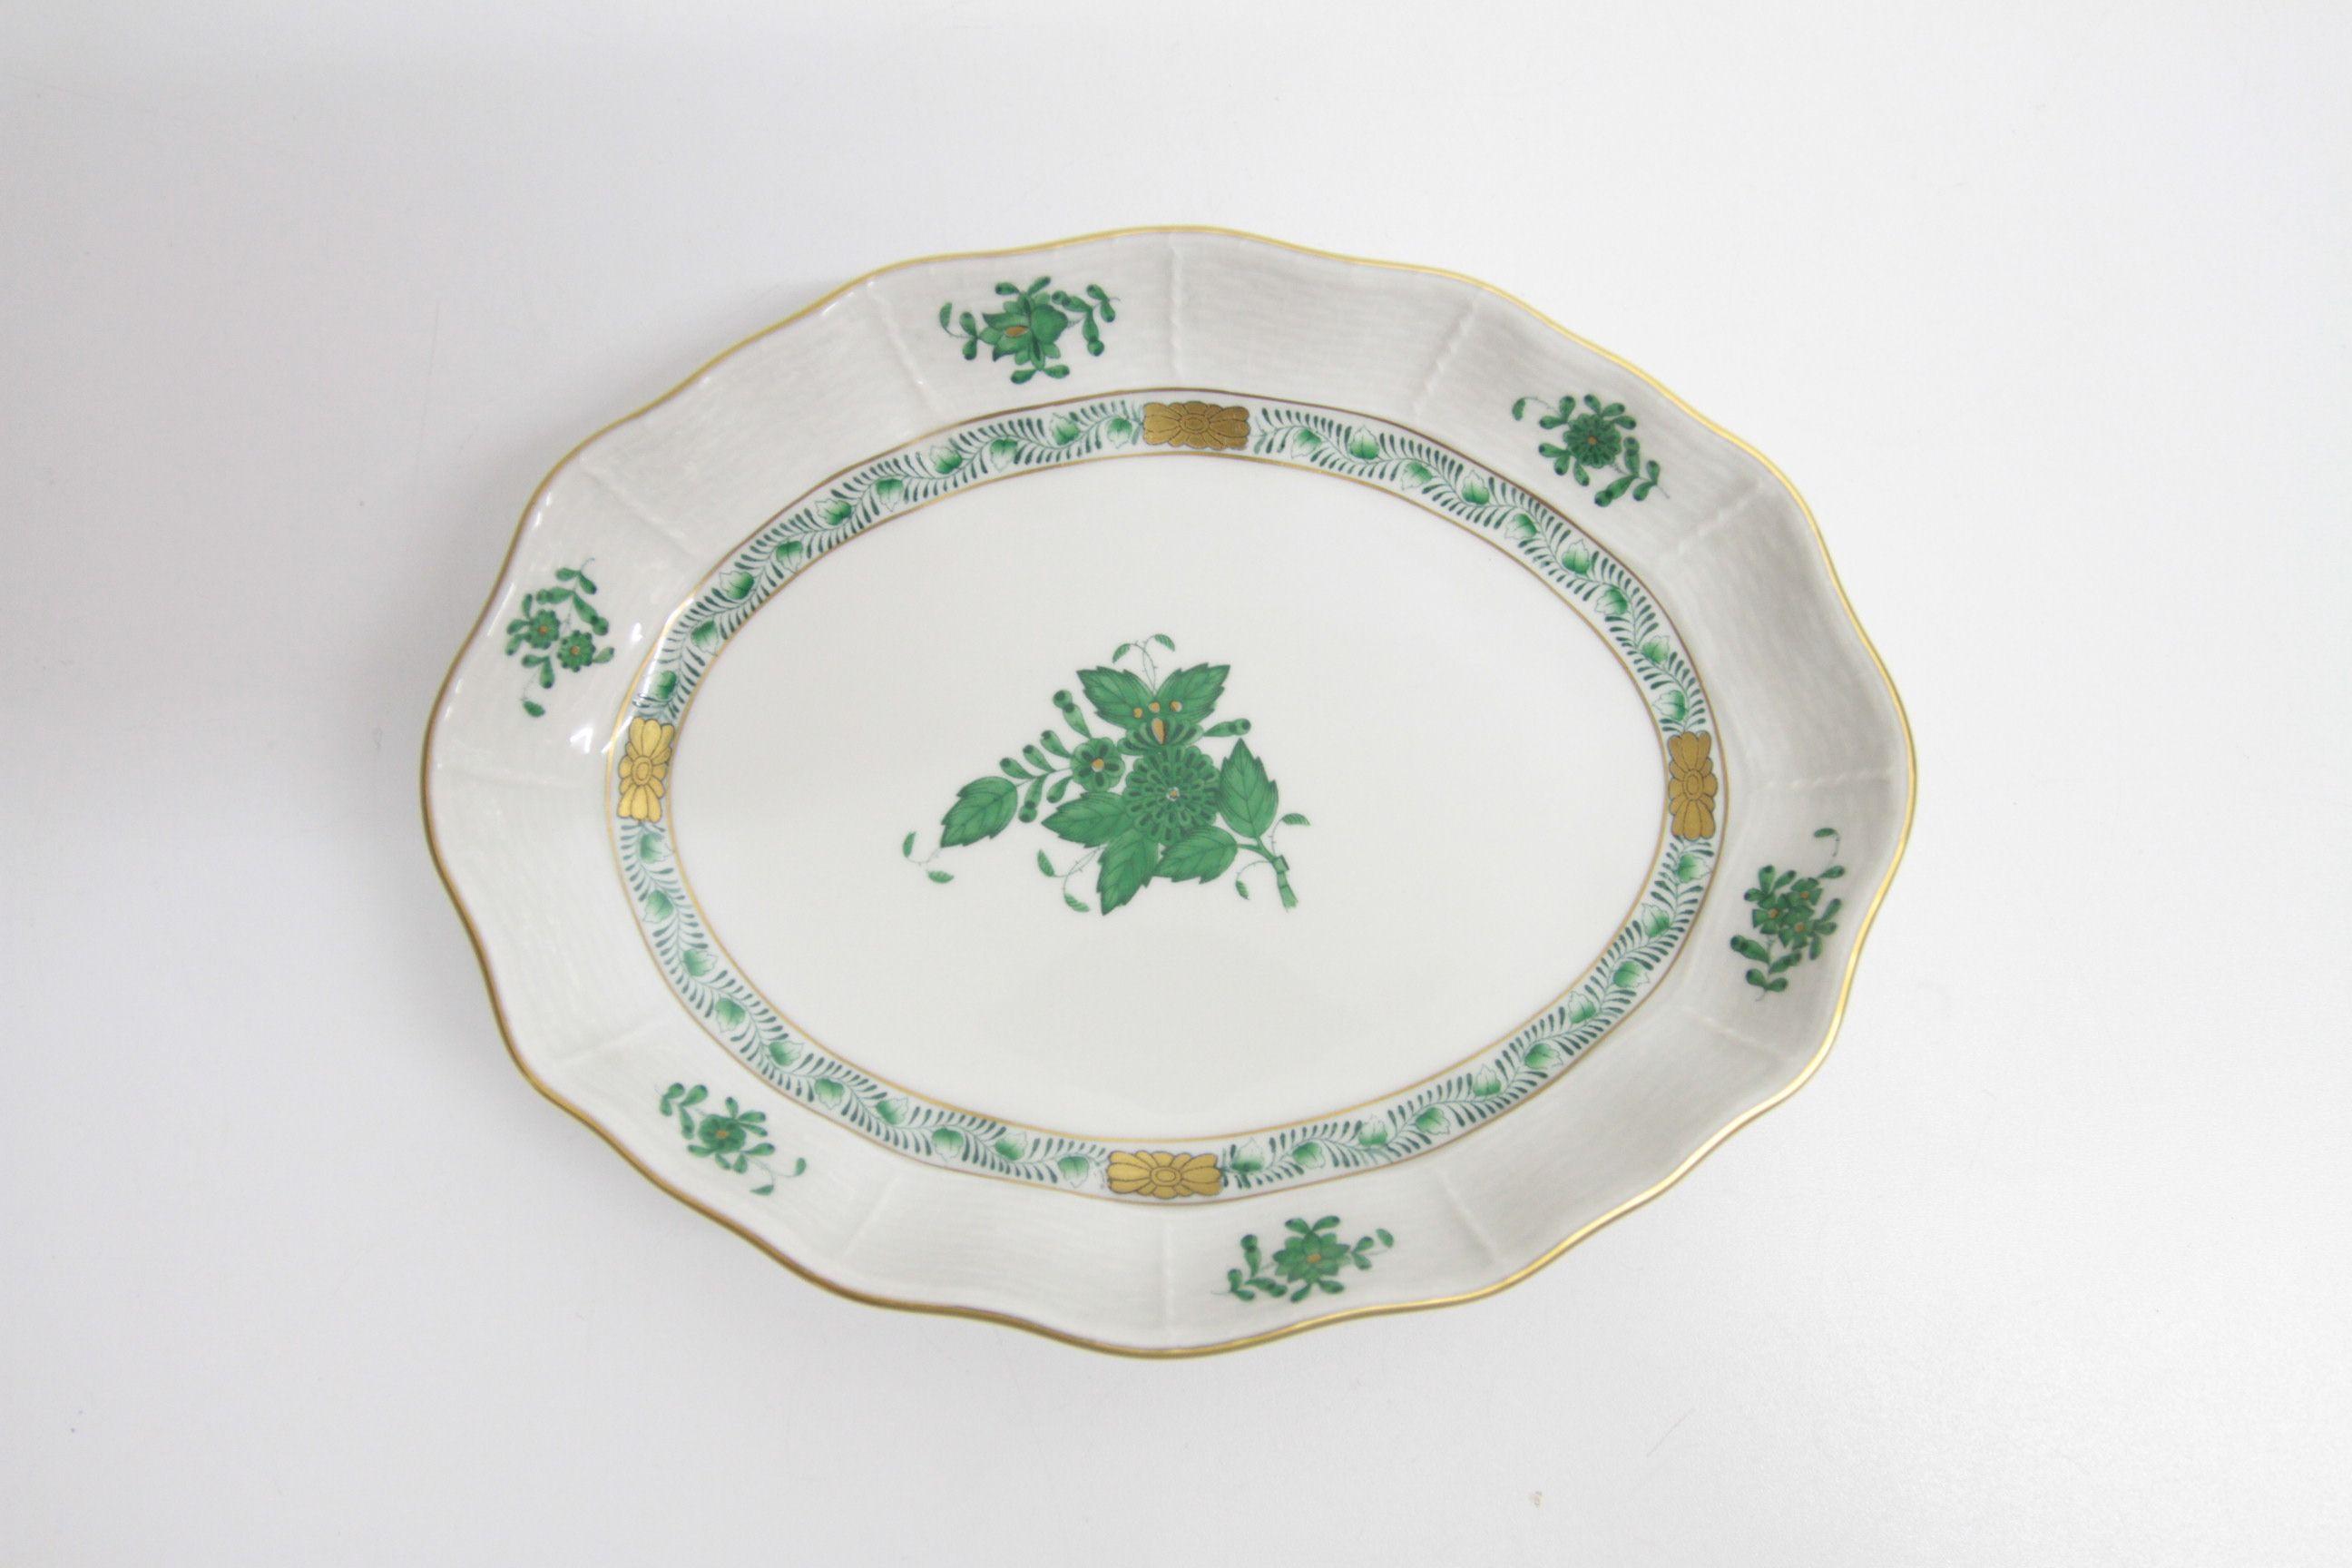 Schöne Porzellanschale der Marke Herend Ungarn Handpainted Farbe Grün /